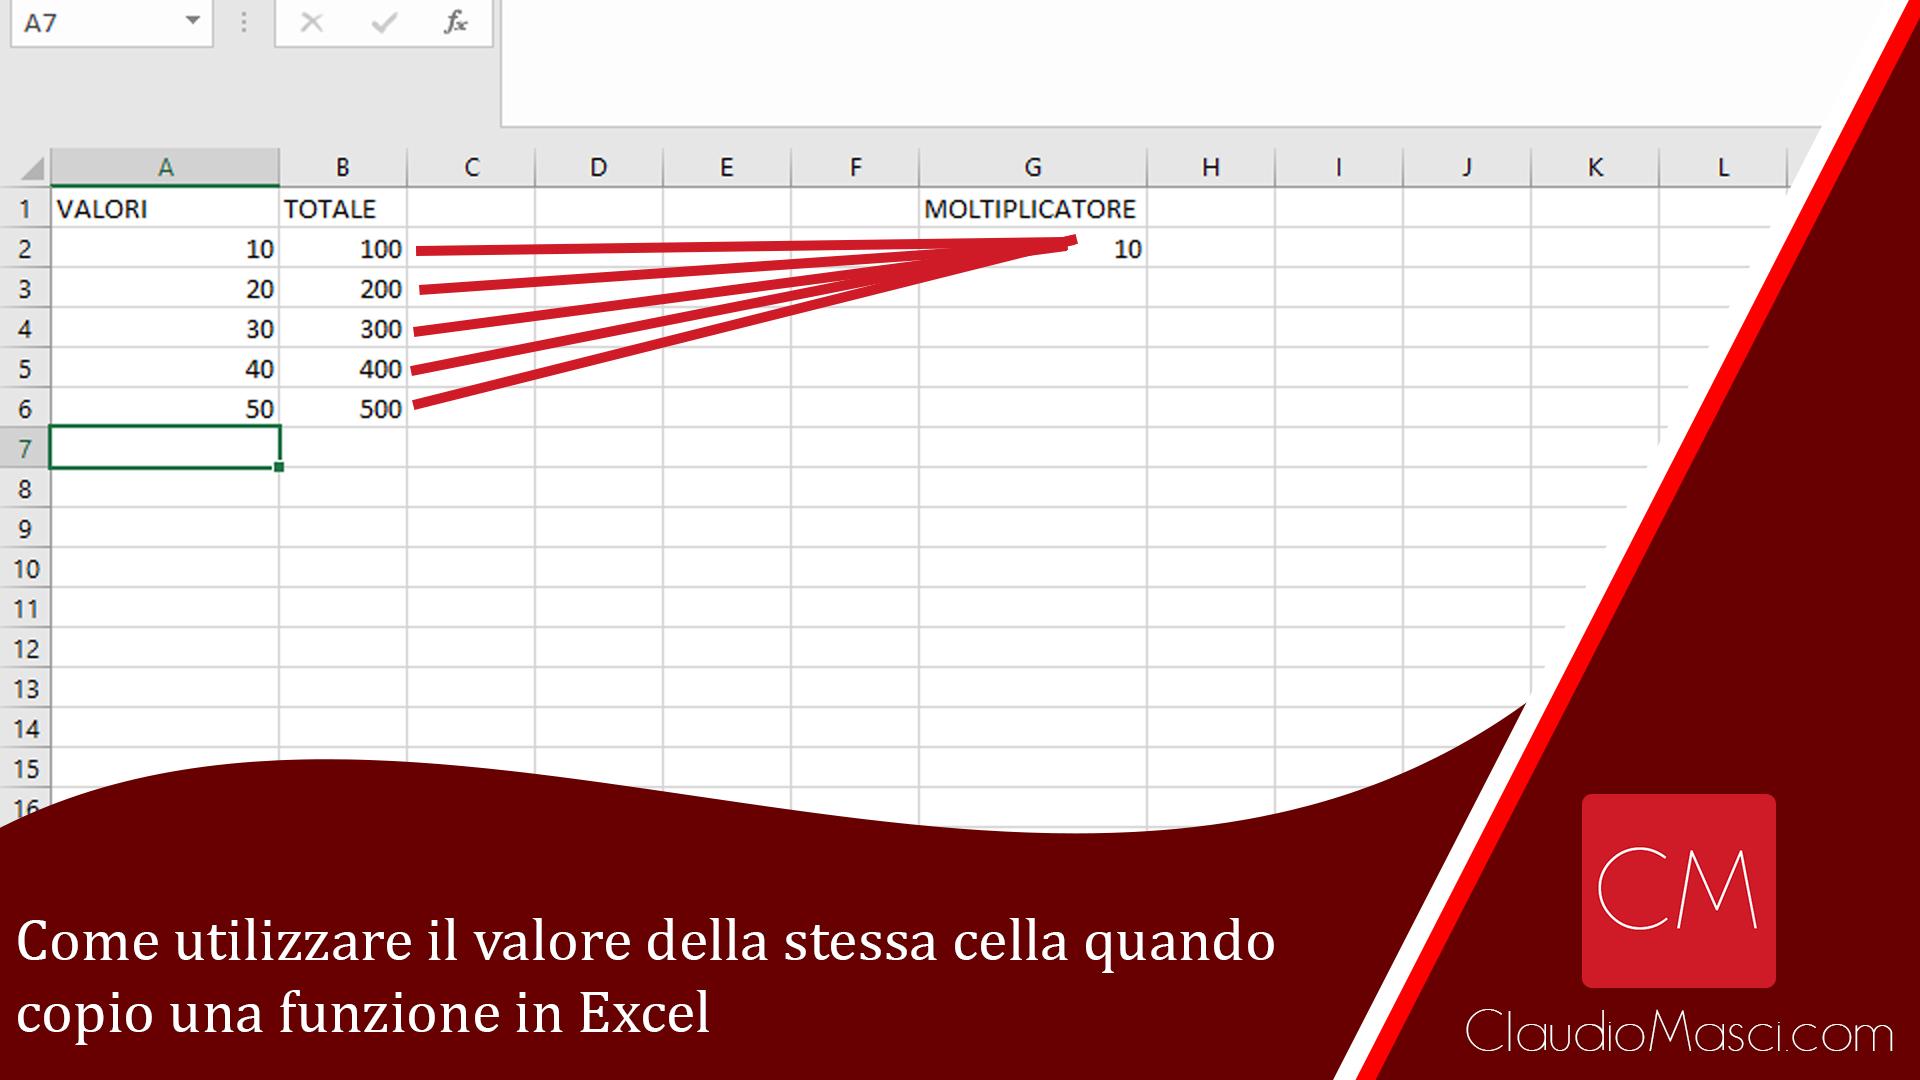 Come utilizzare il valore della stessa cella quando copio una formula in Excel